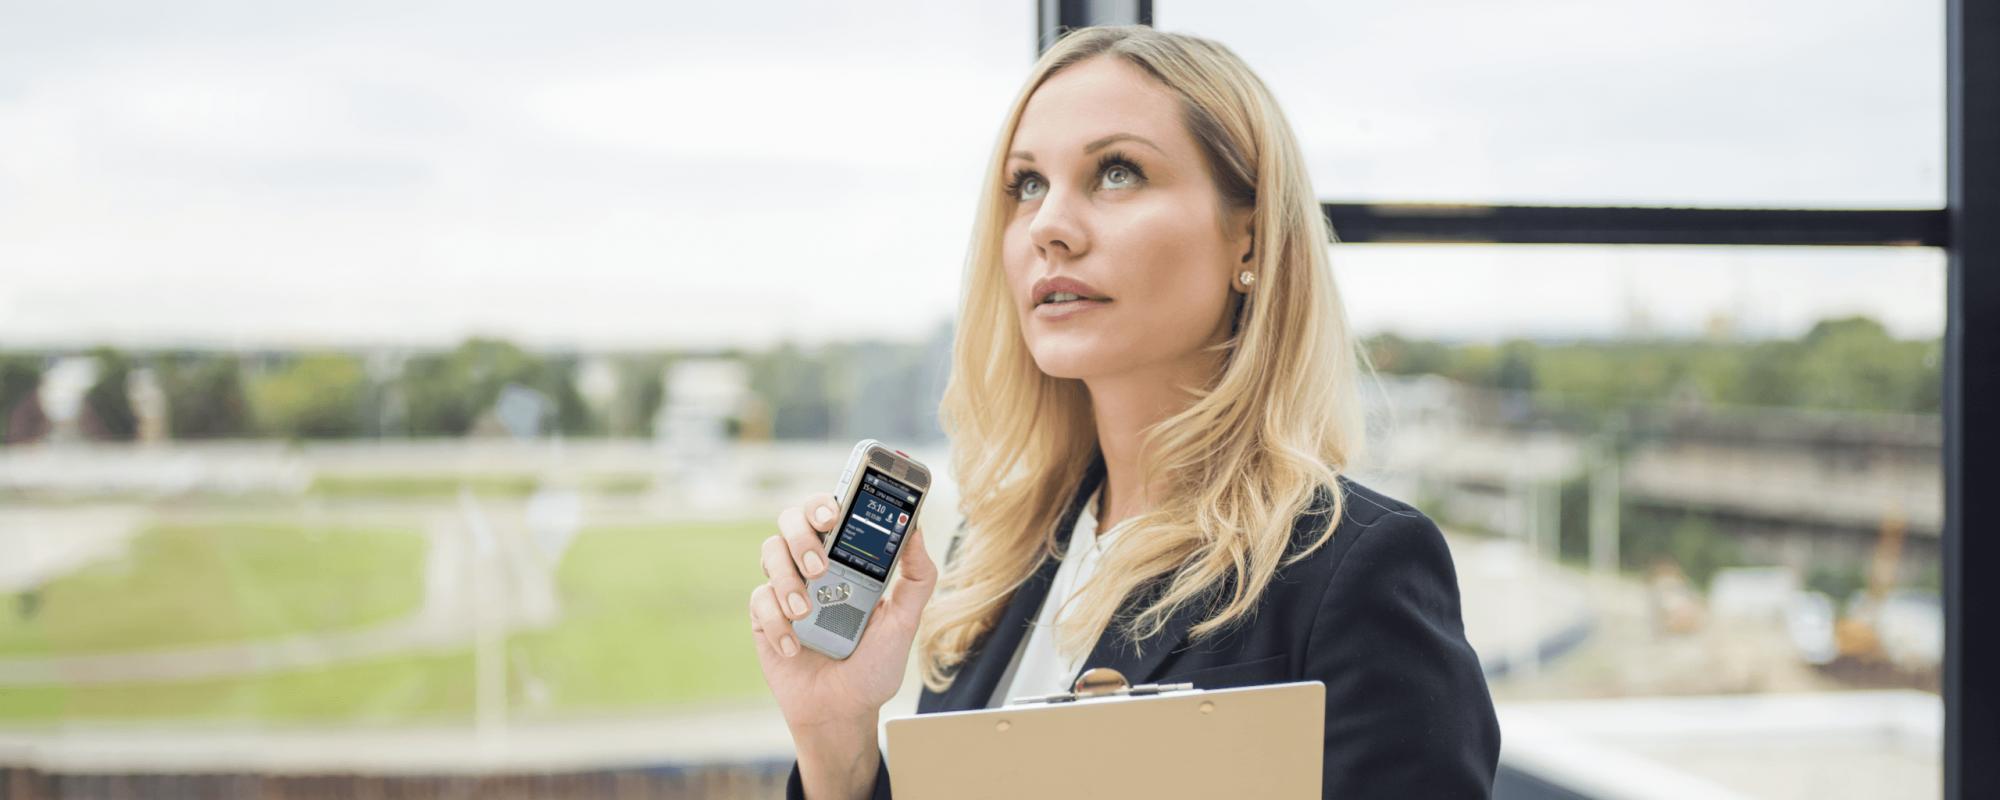 AVT de specialist voor digitaal dicteren en spraakherkenning - Dicteer uw verslagen met een Philips PocketMemo Dicterrecorder